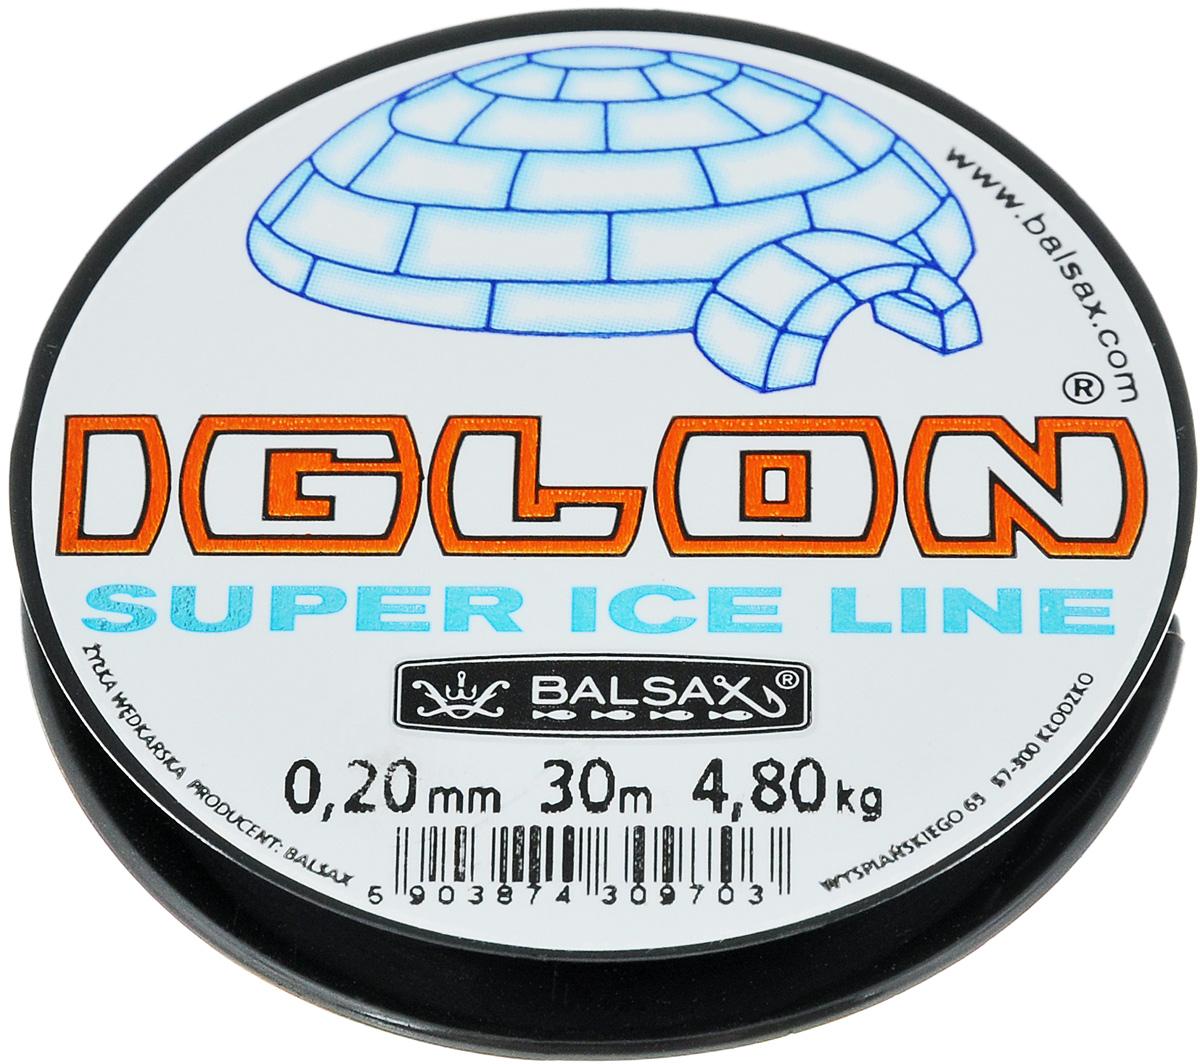 Леска зимняя Balsax Iglon, 30 м, 0,20 мм, 4,8 кг312-06020Леска зимняя Balsax Iglon изготовлена из 100% нейлона и очень хорошо выдерживает низкие температуры. Даже в самом холодном климате, при температуре вплоть до -40°C, она сохраняет свои свойства практически без изменений, в то время как традиционные лески становятся менее эластичными и теряют прочность. Поверхность лески обработана таким образом, что она не обмерзает и отлично подходит для подледного лова. Прочна в местах вязки узлов даже при минимальном диаметре.